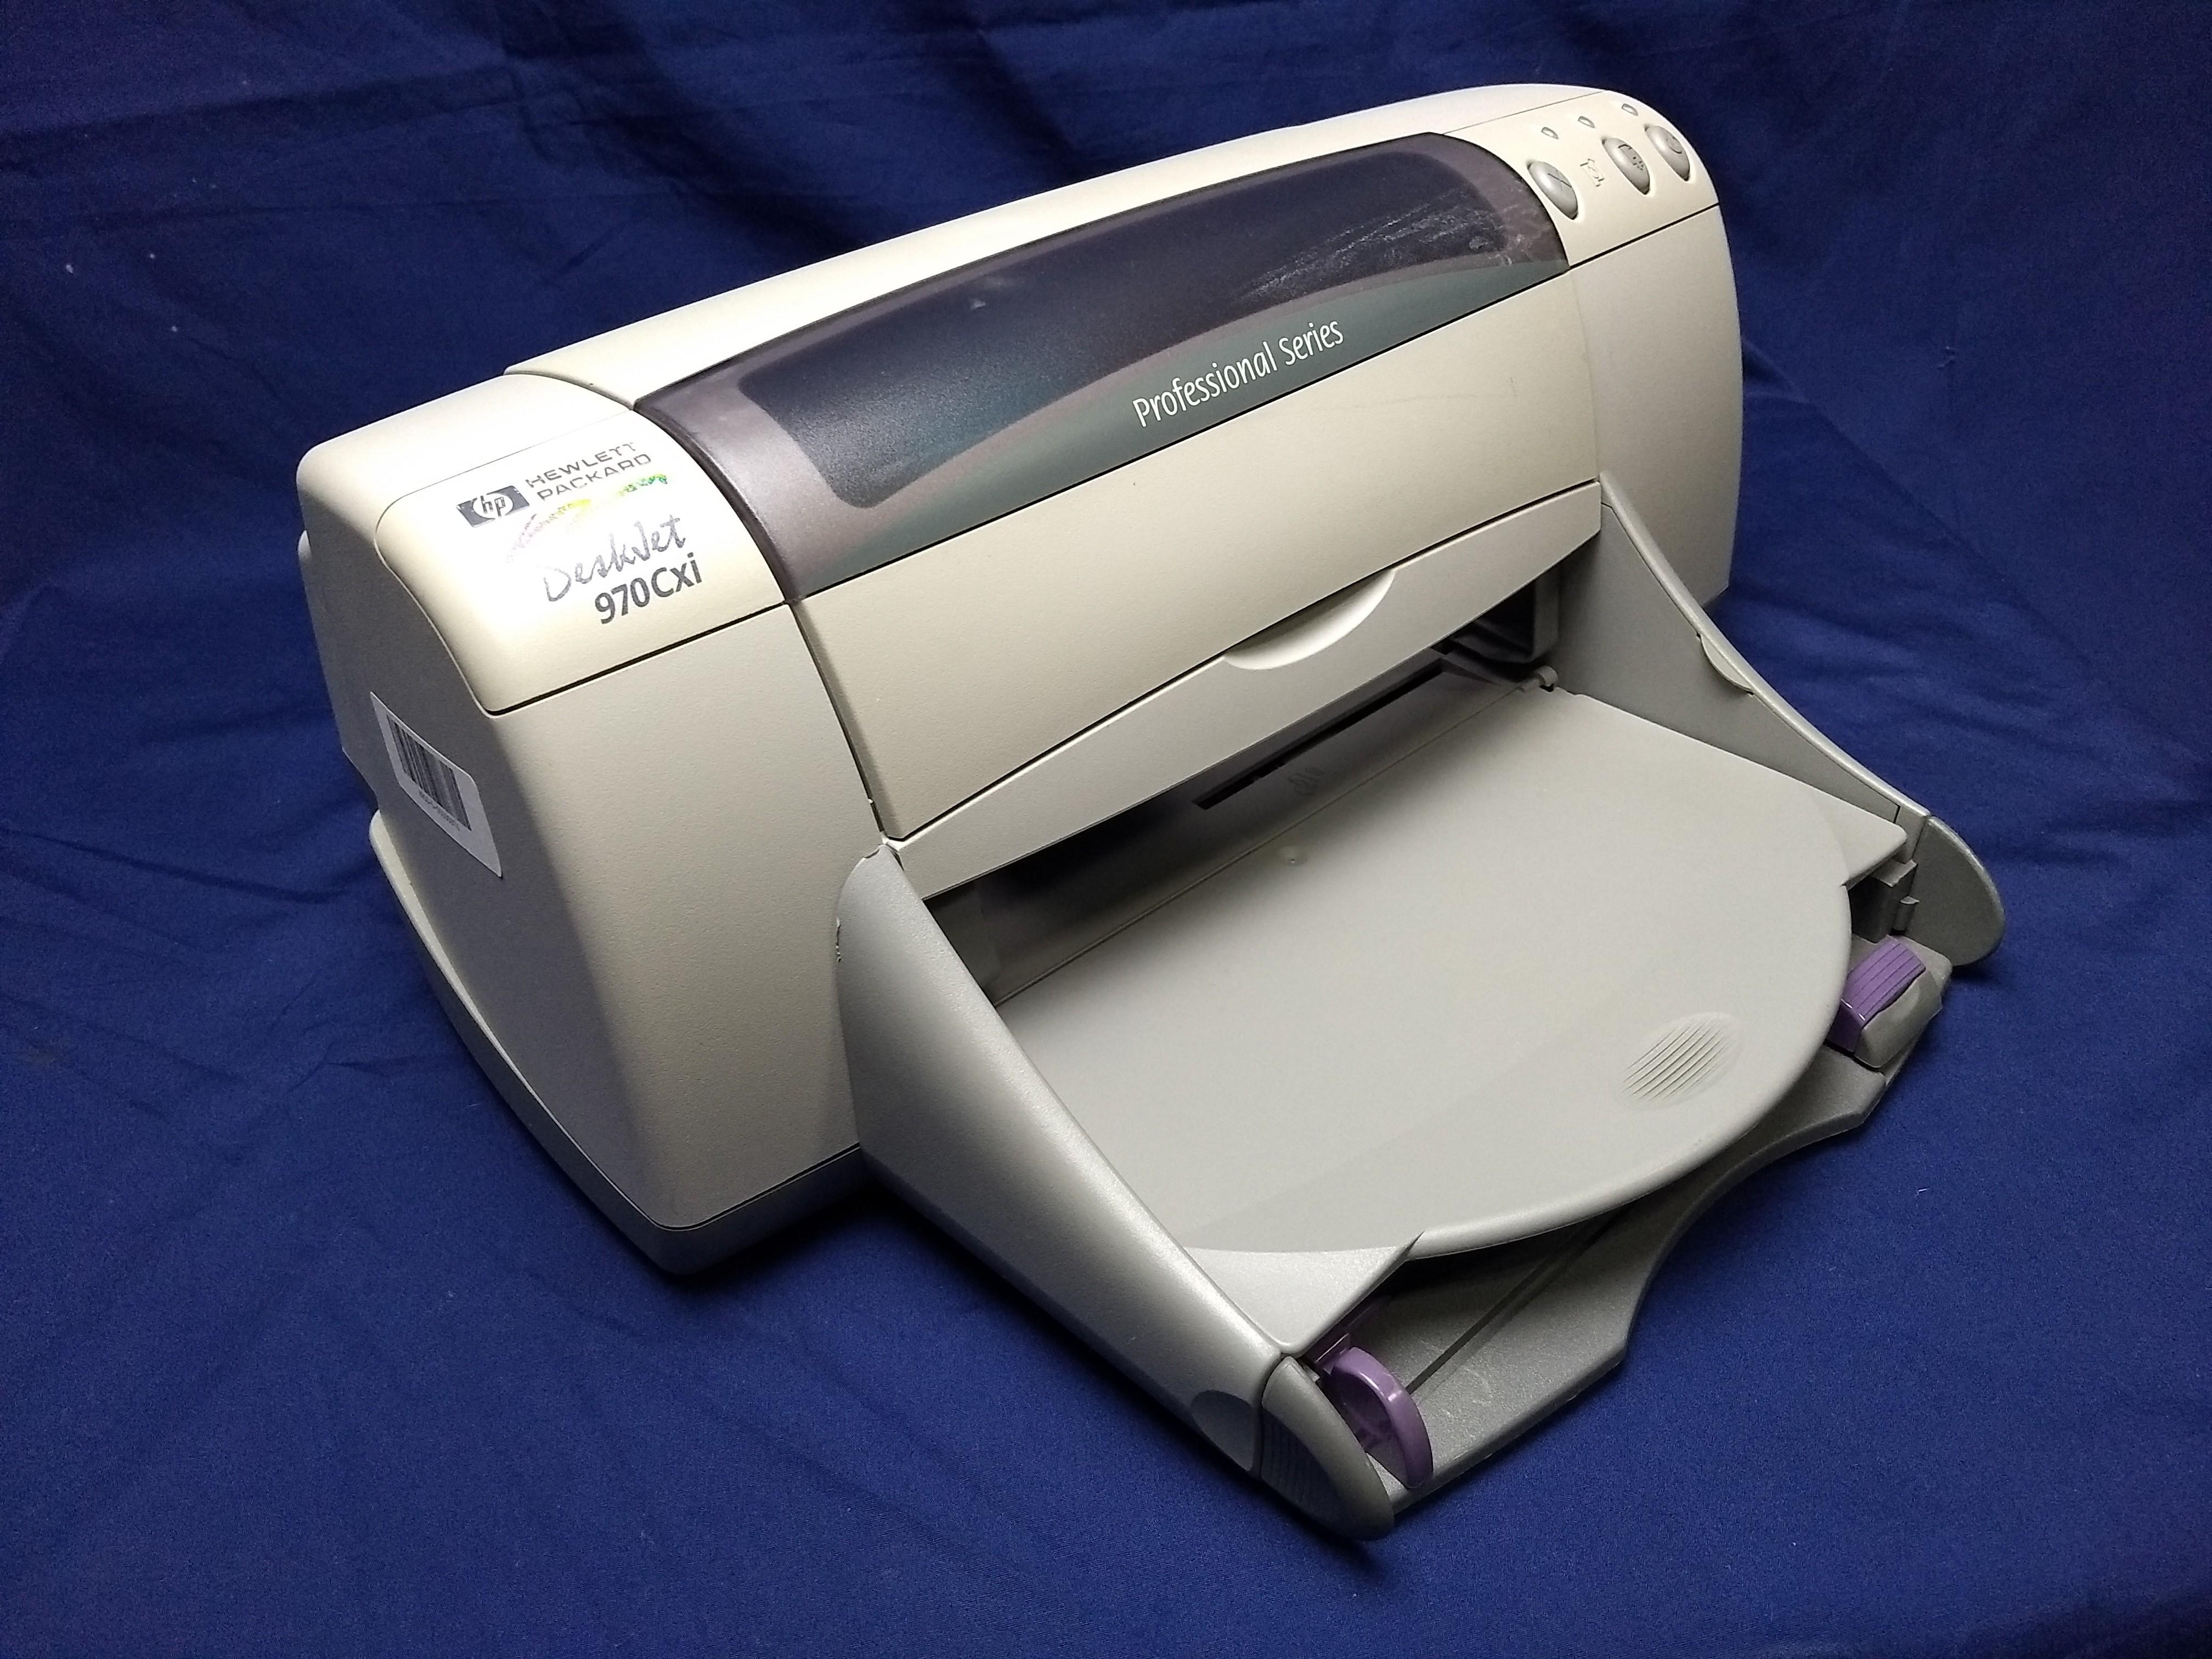 HP Deskjet 970Cxi Left